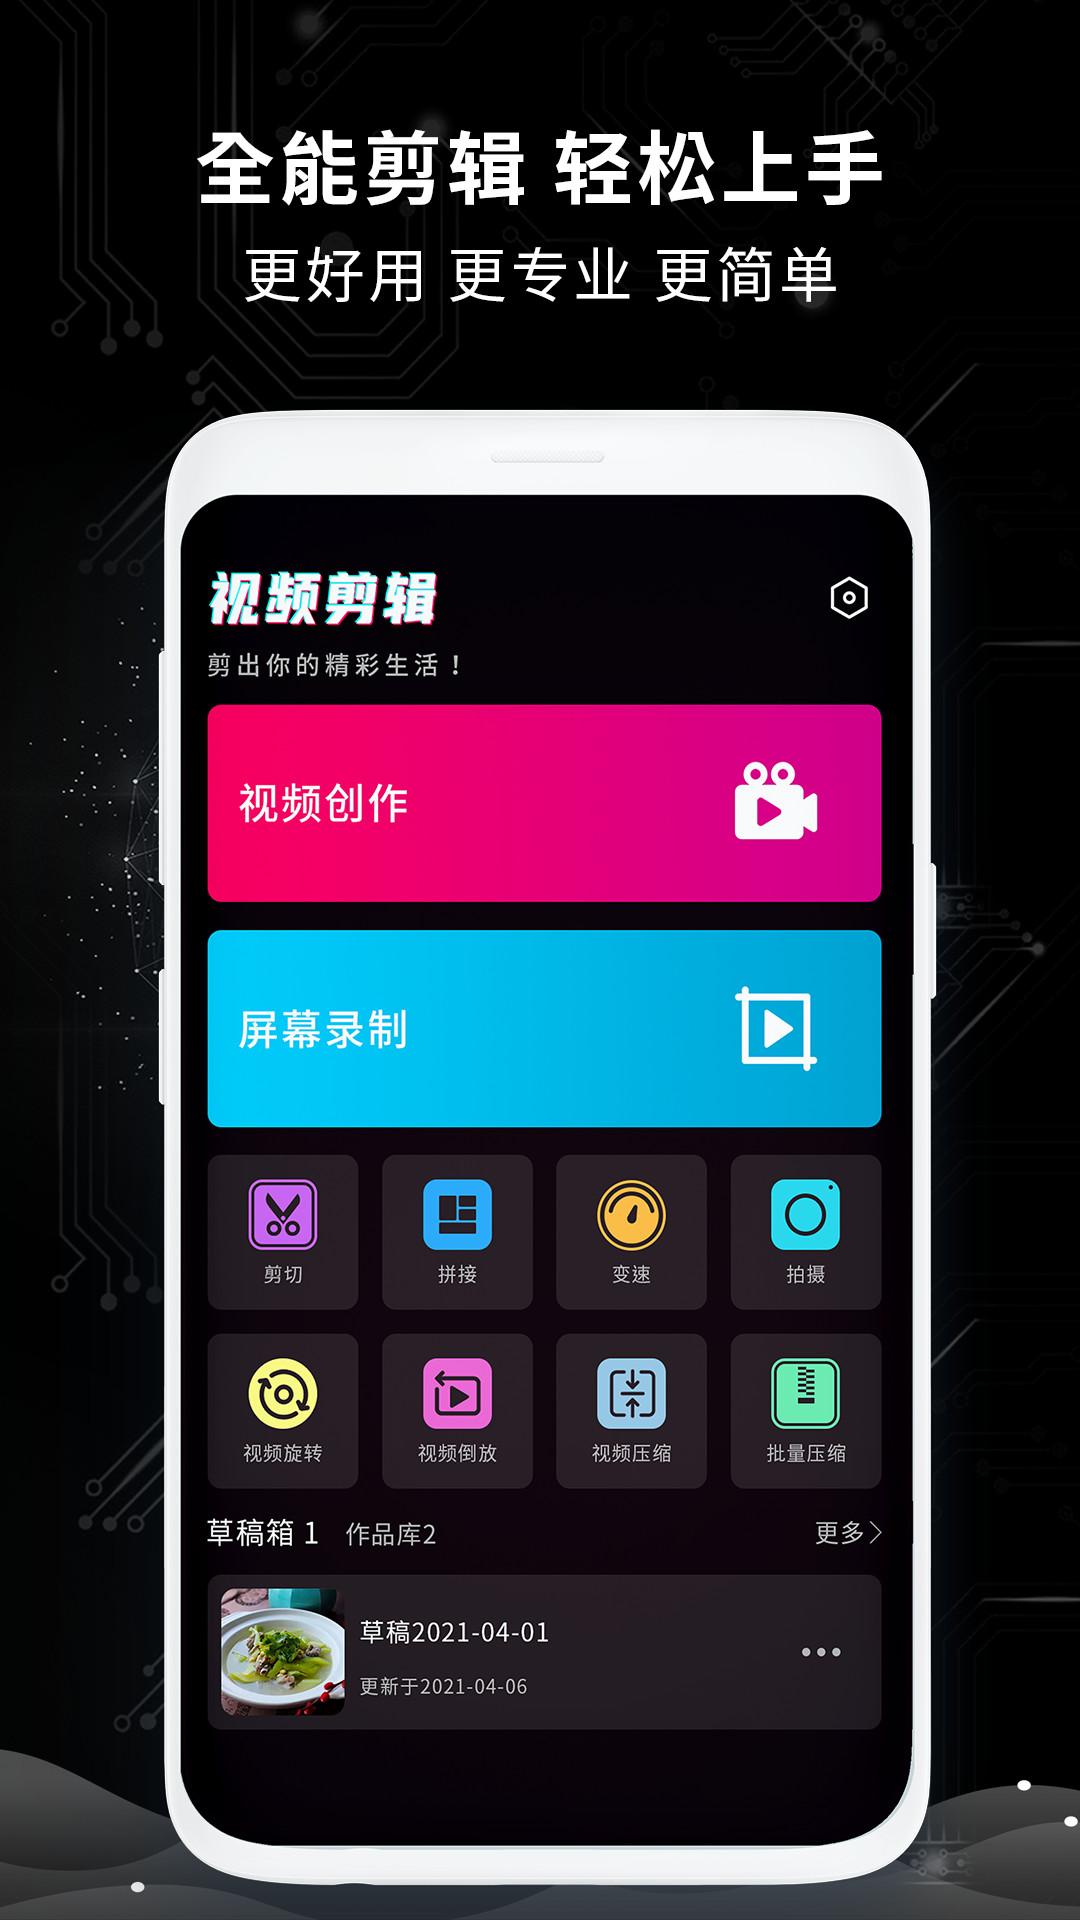 全能剪辑王软件下载手机版